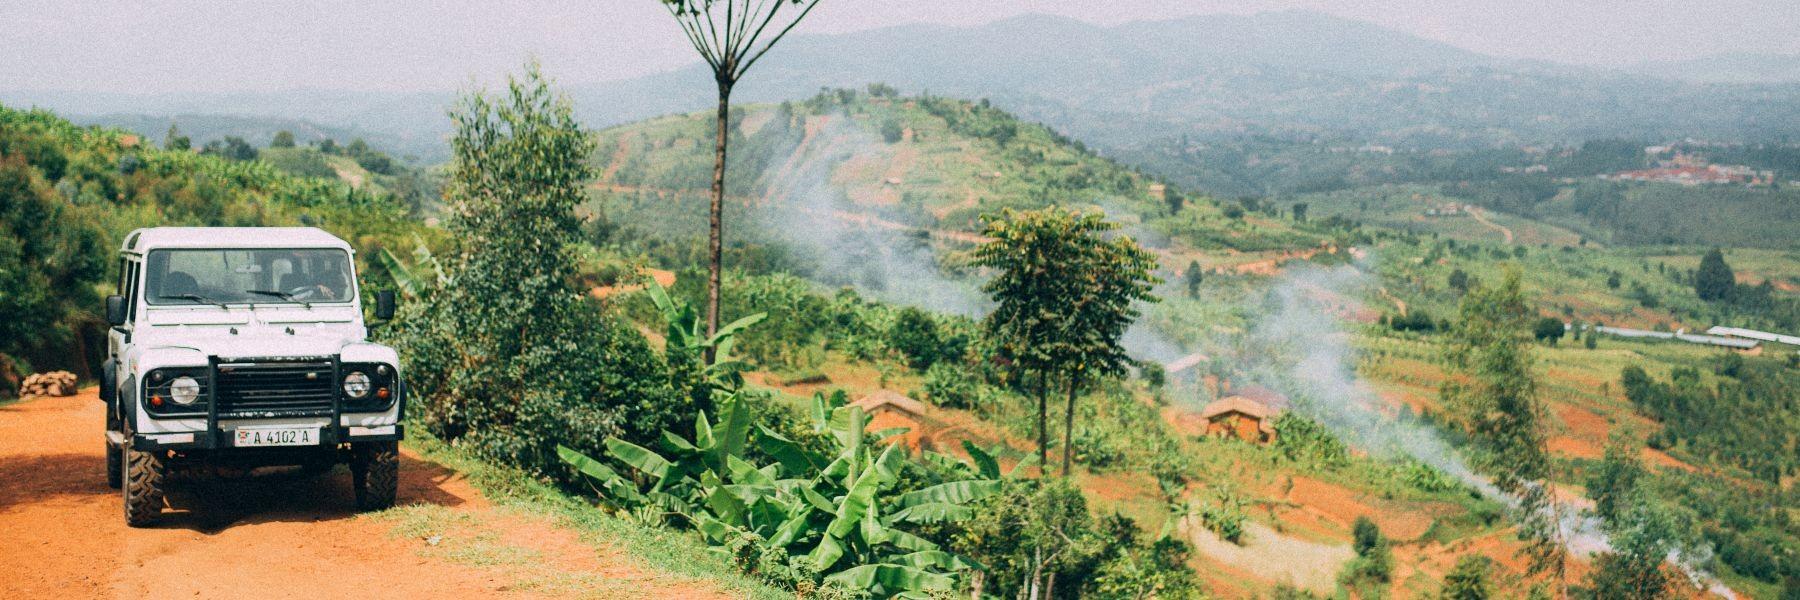 Aussicht auf Kaffee-Farm in Burundi